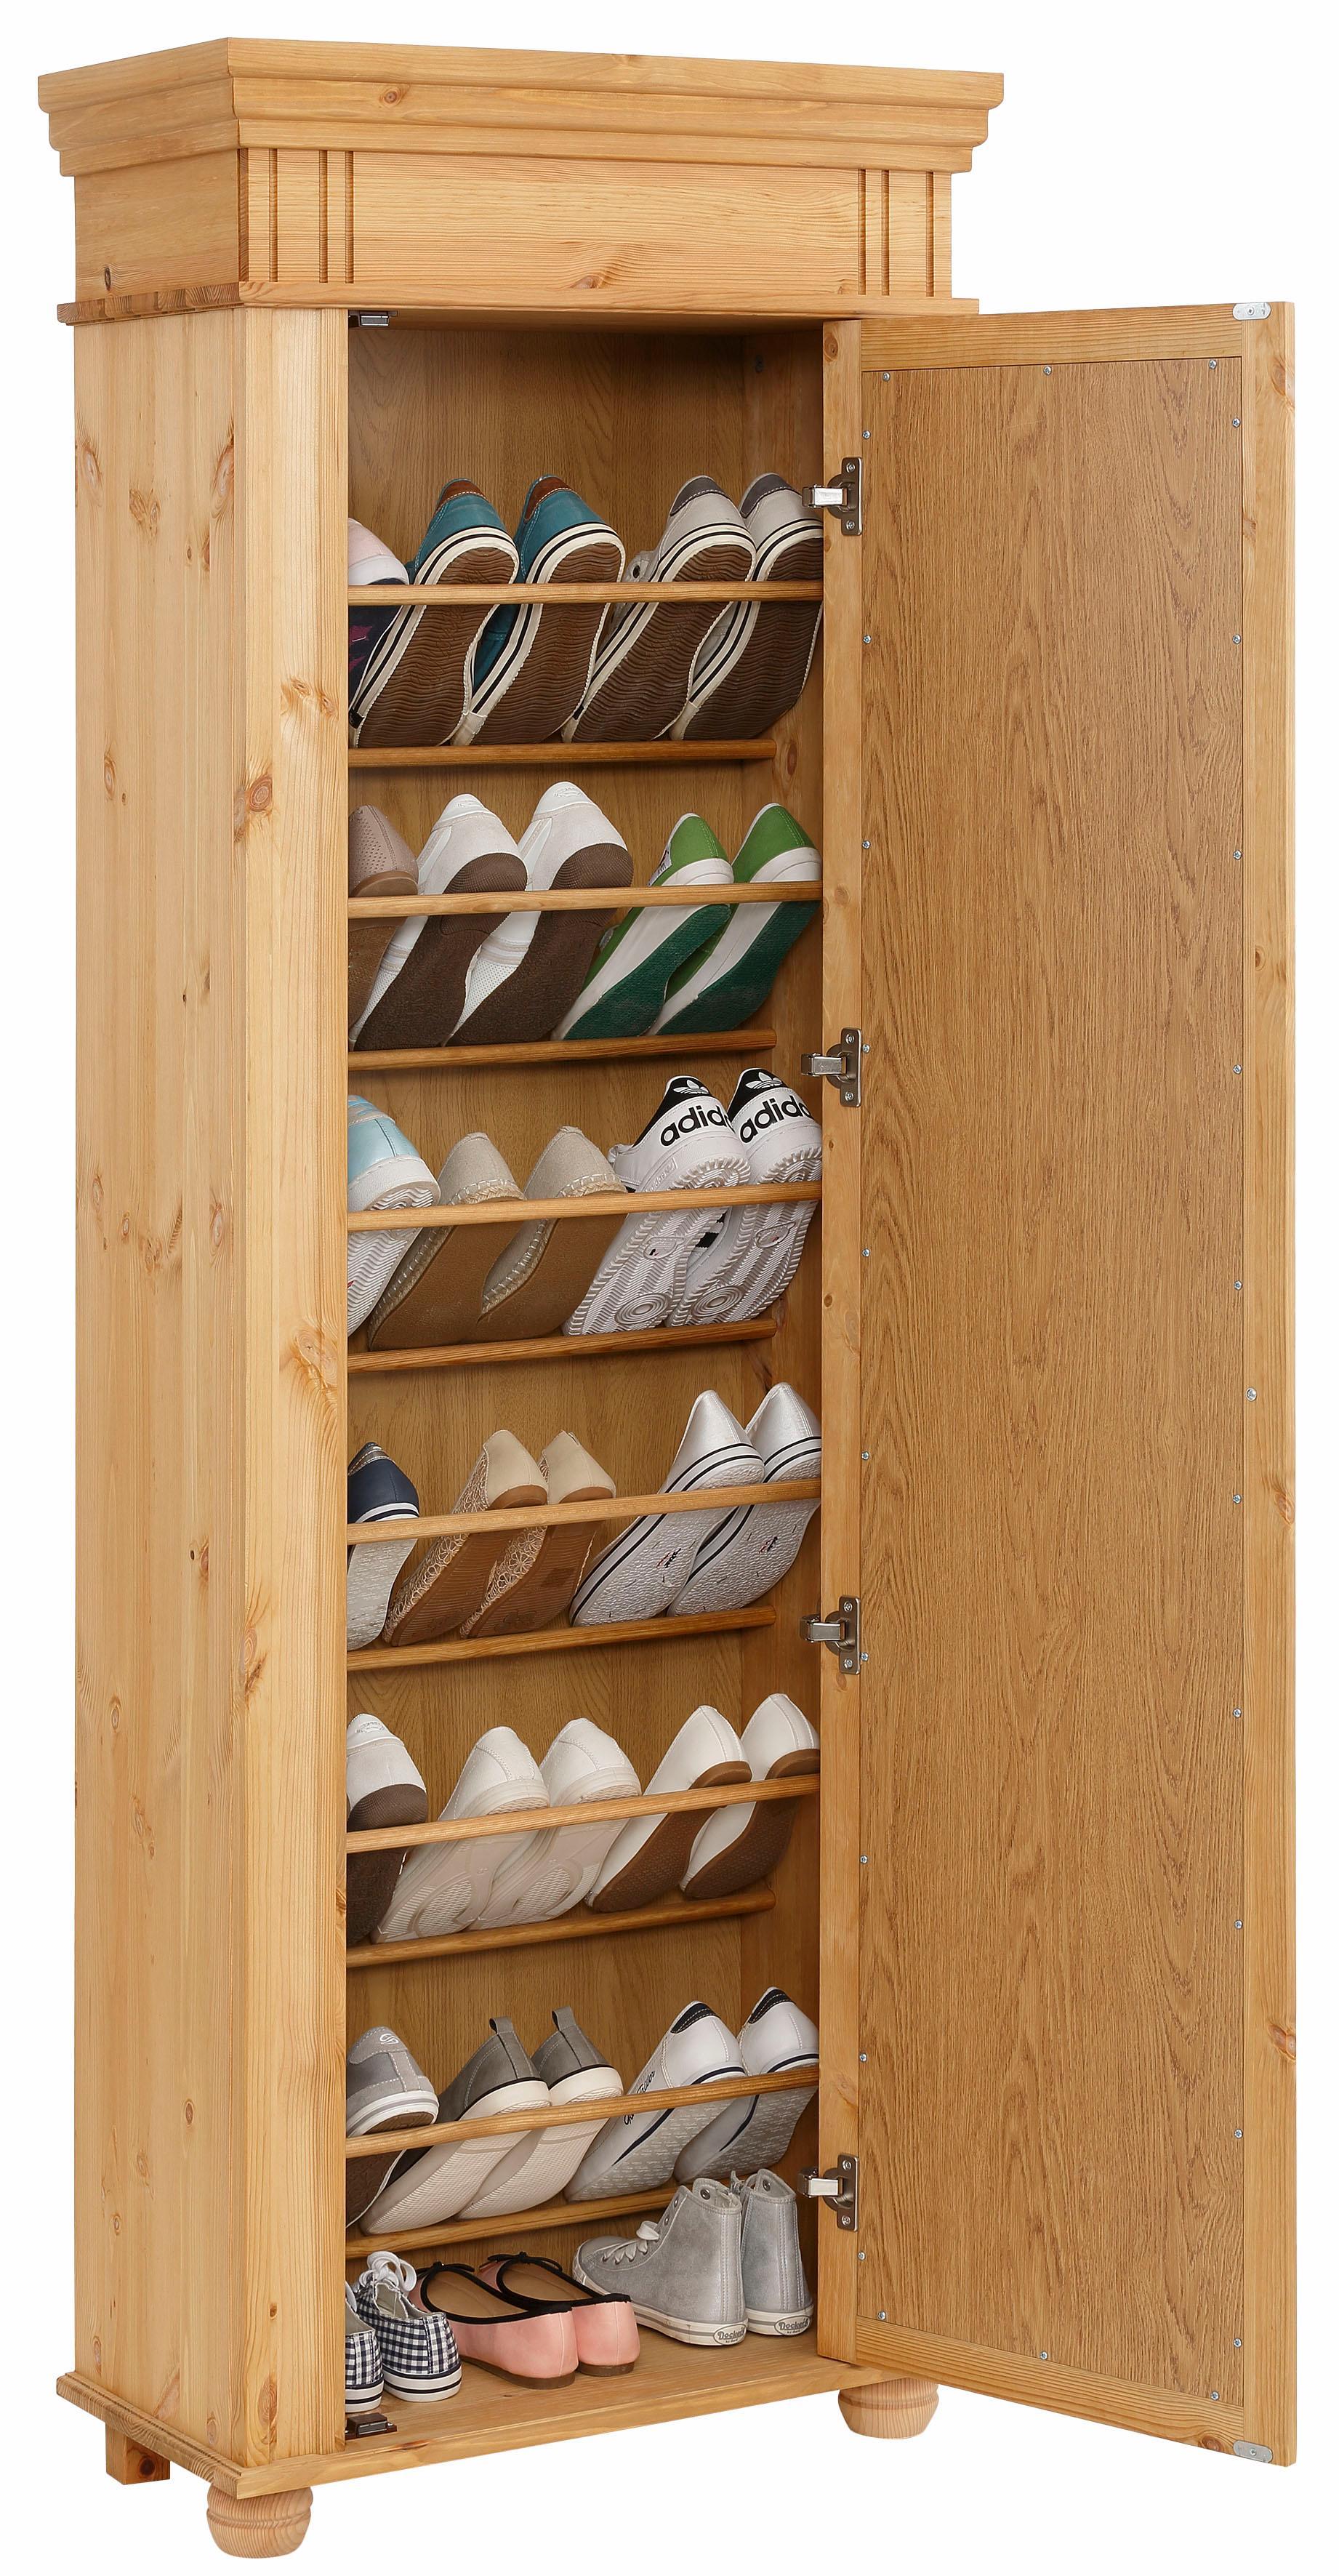 Designer schuhschrank mit spiegel preisvergleich die for Schuhschrank naturholz